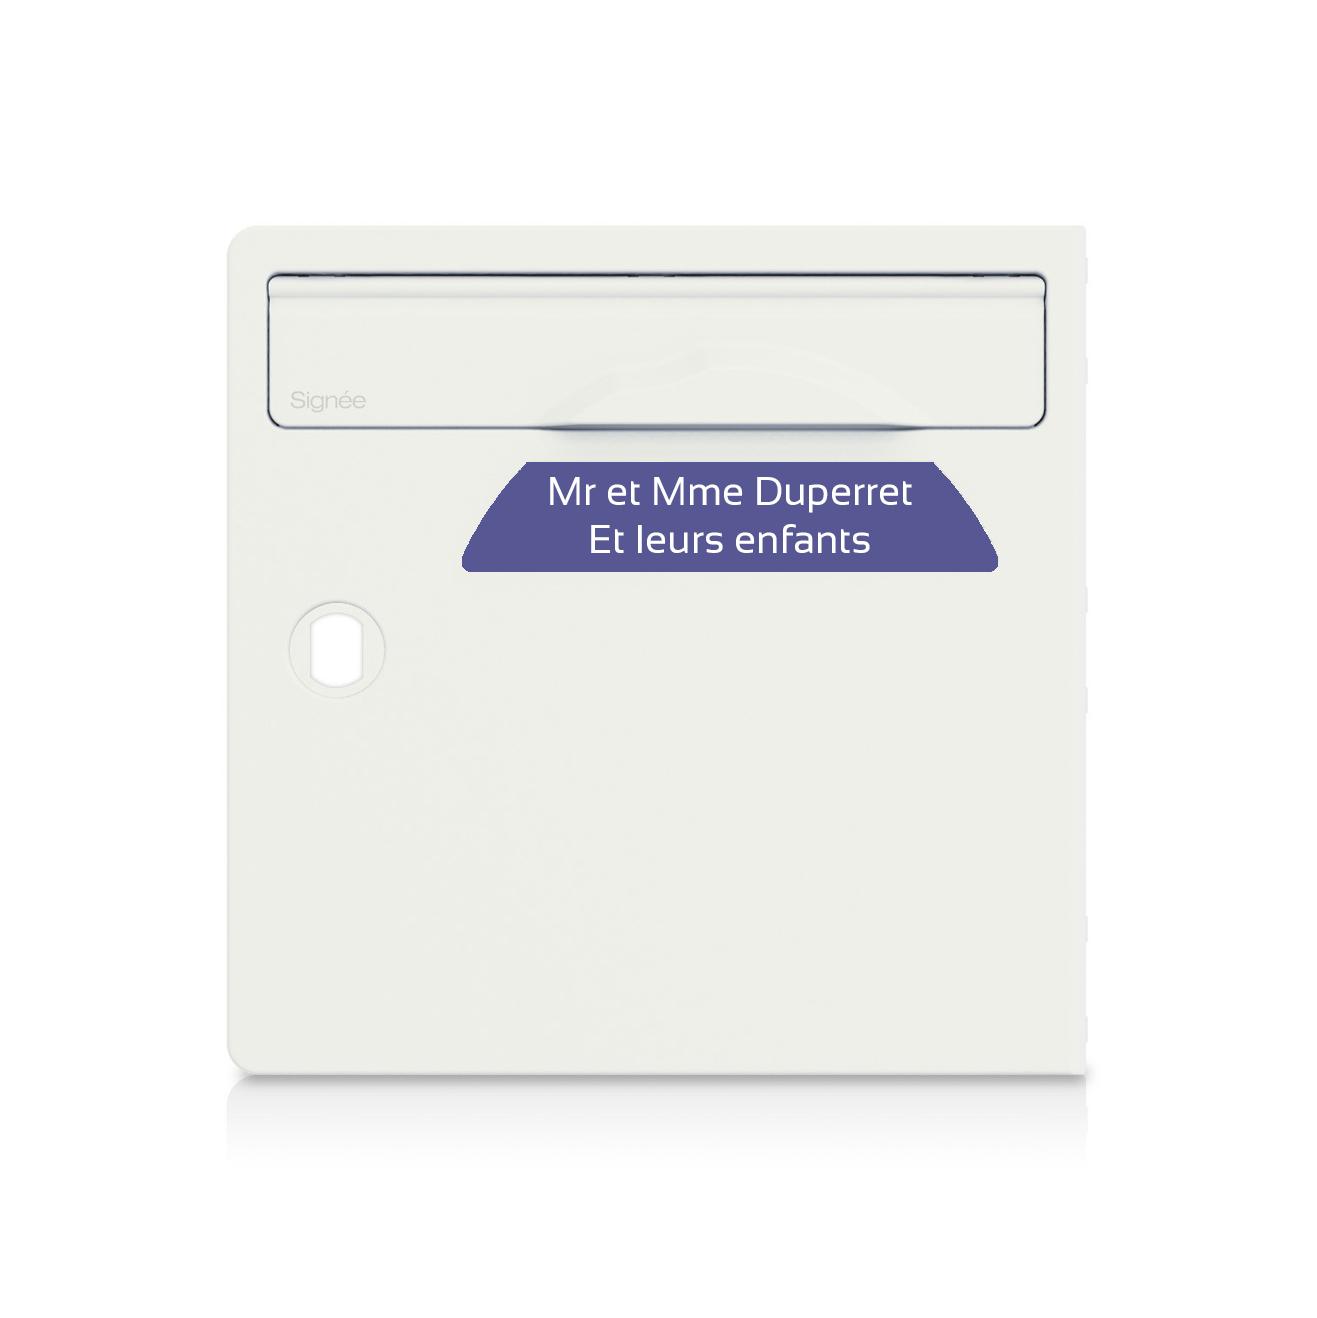 plaque boite aux lettres Signée violette lettres blanches - 2 lignes